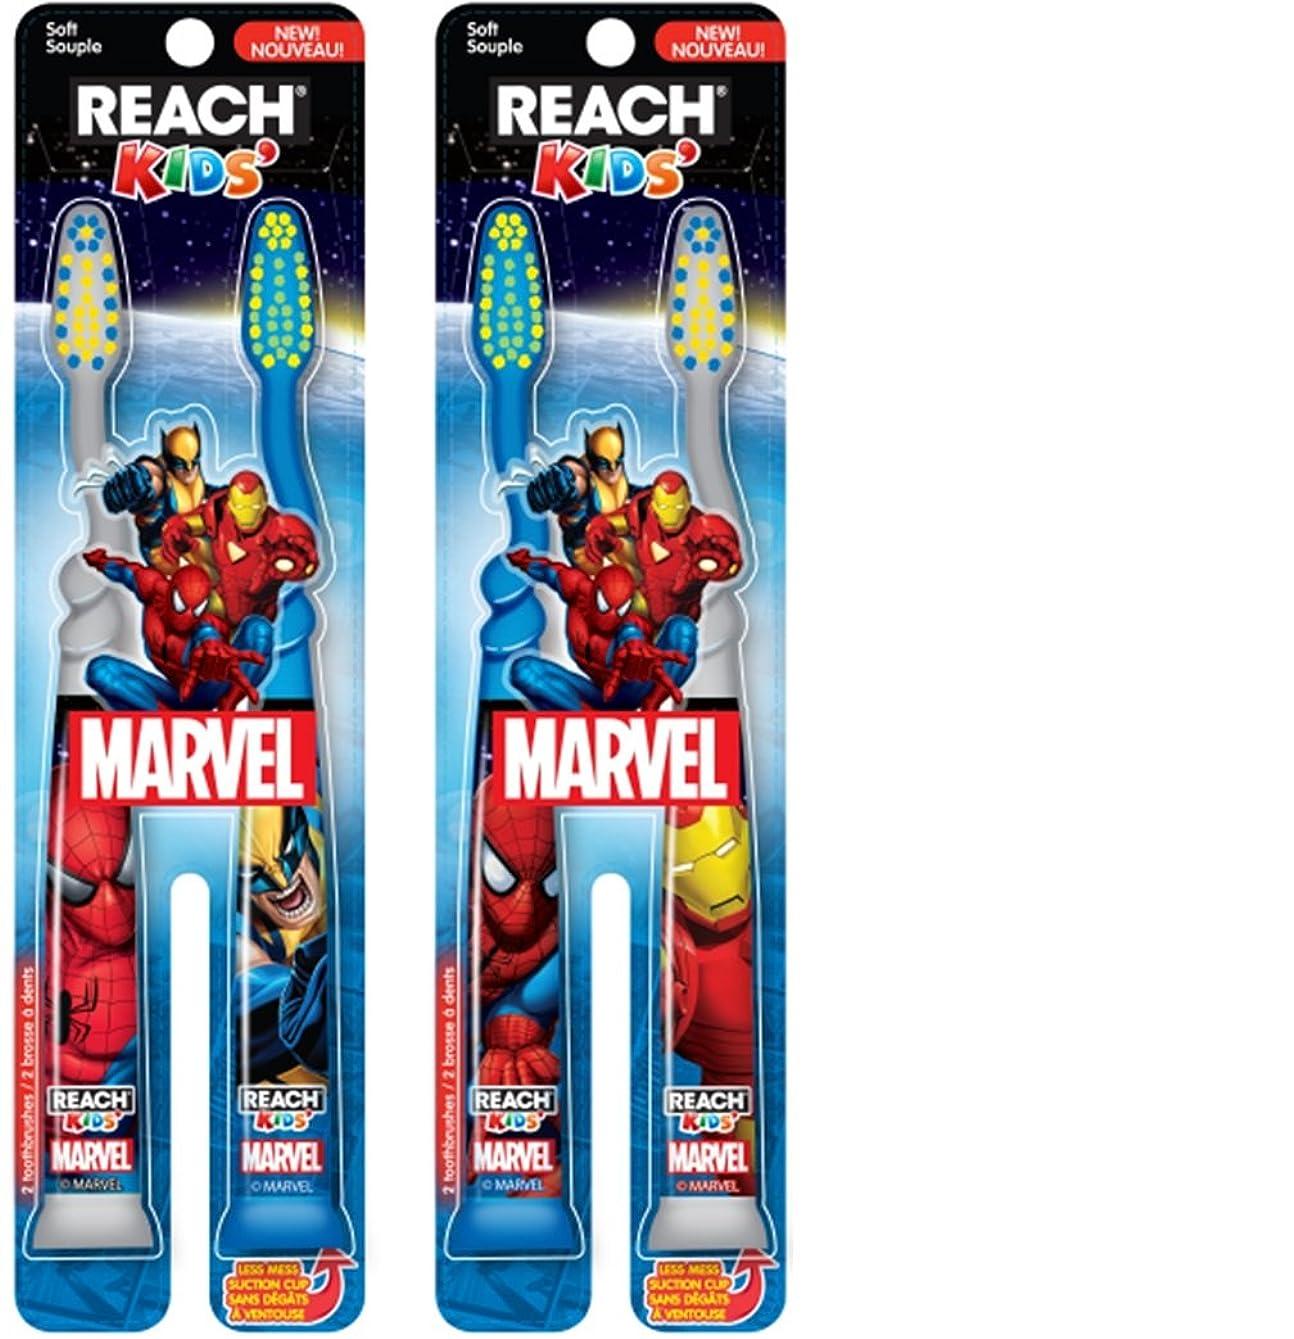 部メールを書く保育園Reach Kids Mavel Soft Toothbrush, 2 Count by Reach